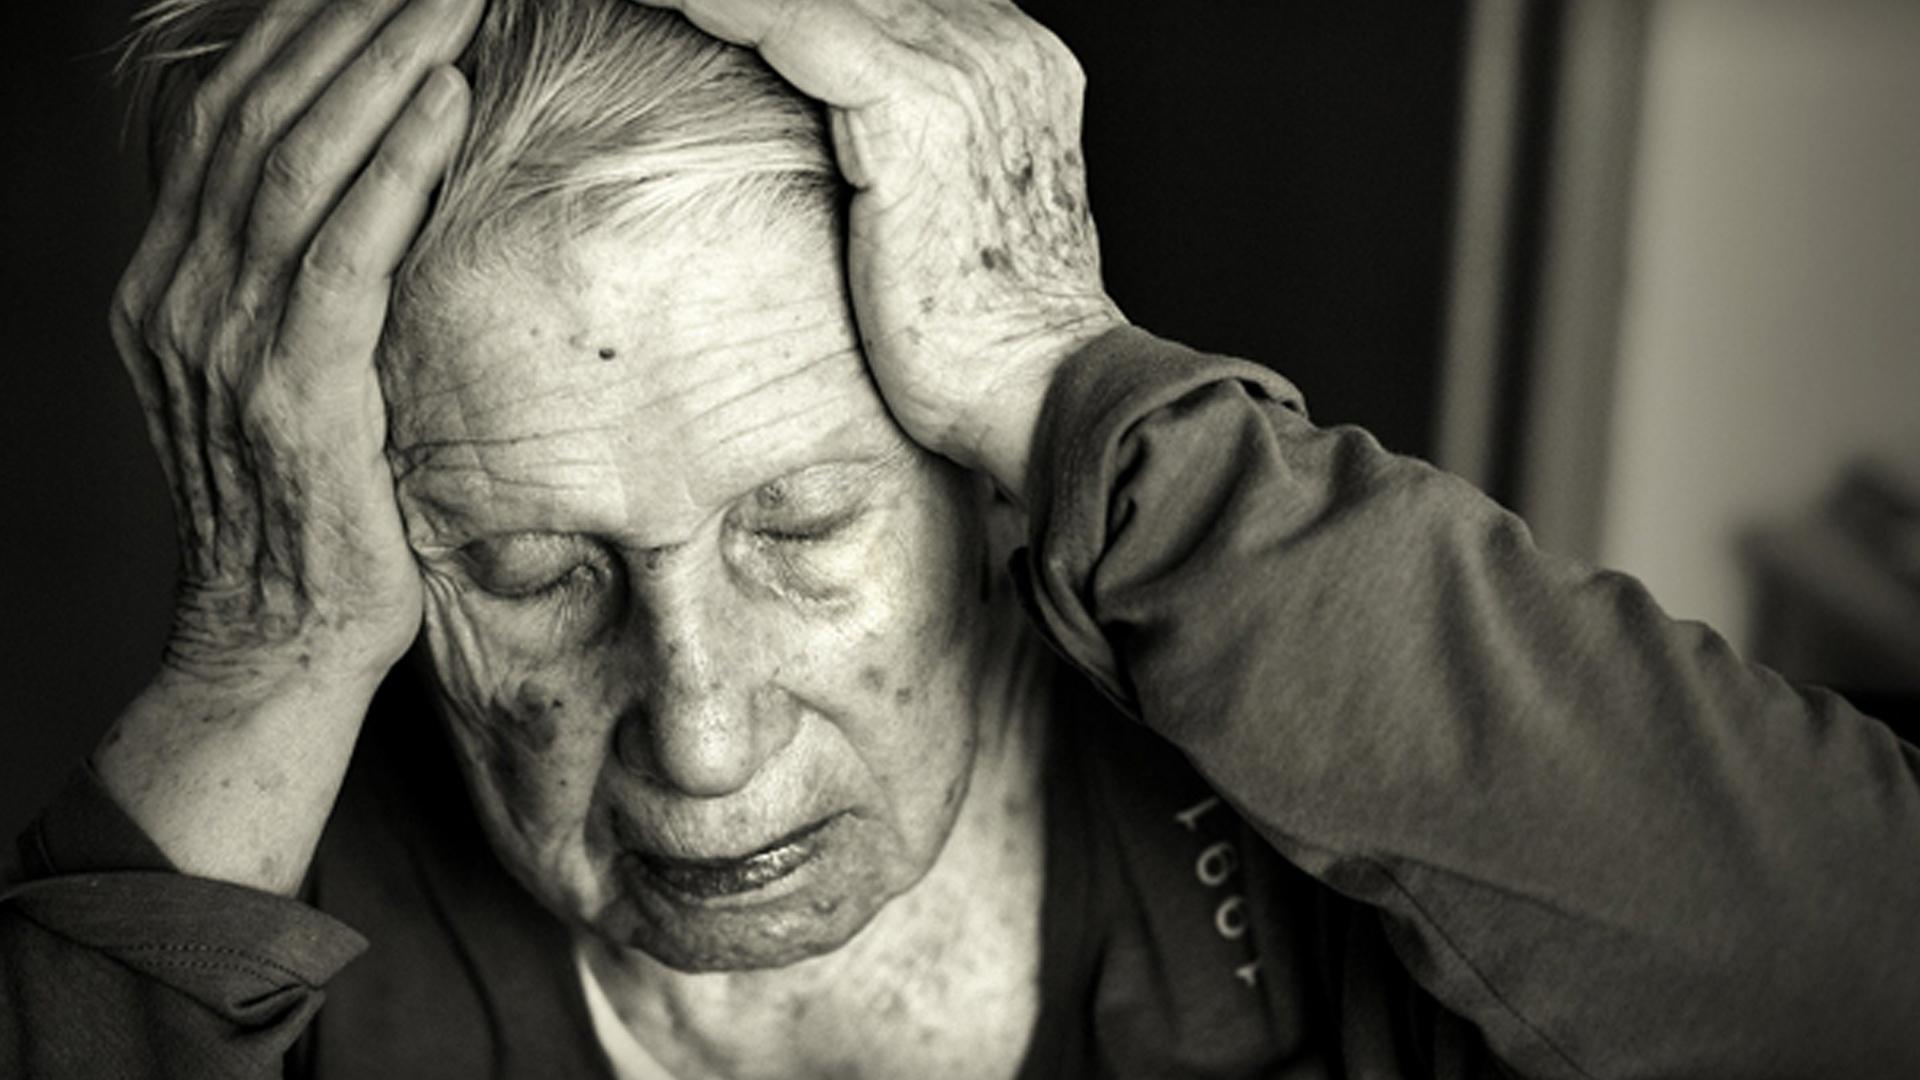 اعراض واسباب مرض الزهايمر